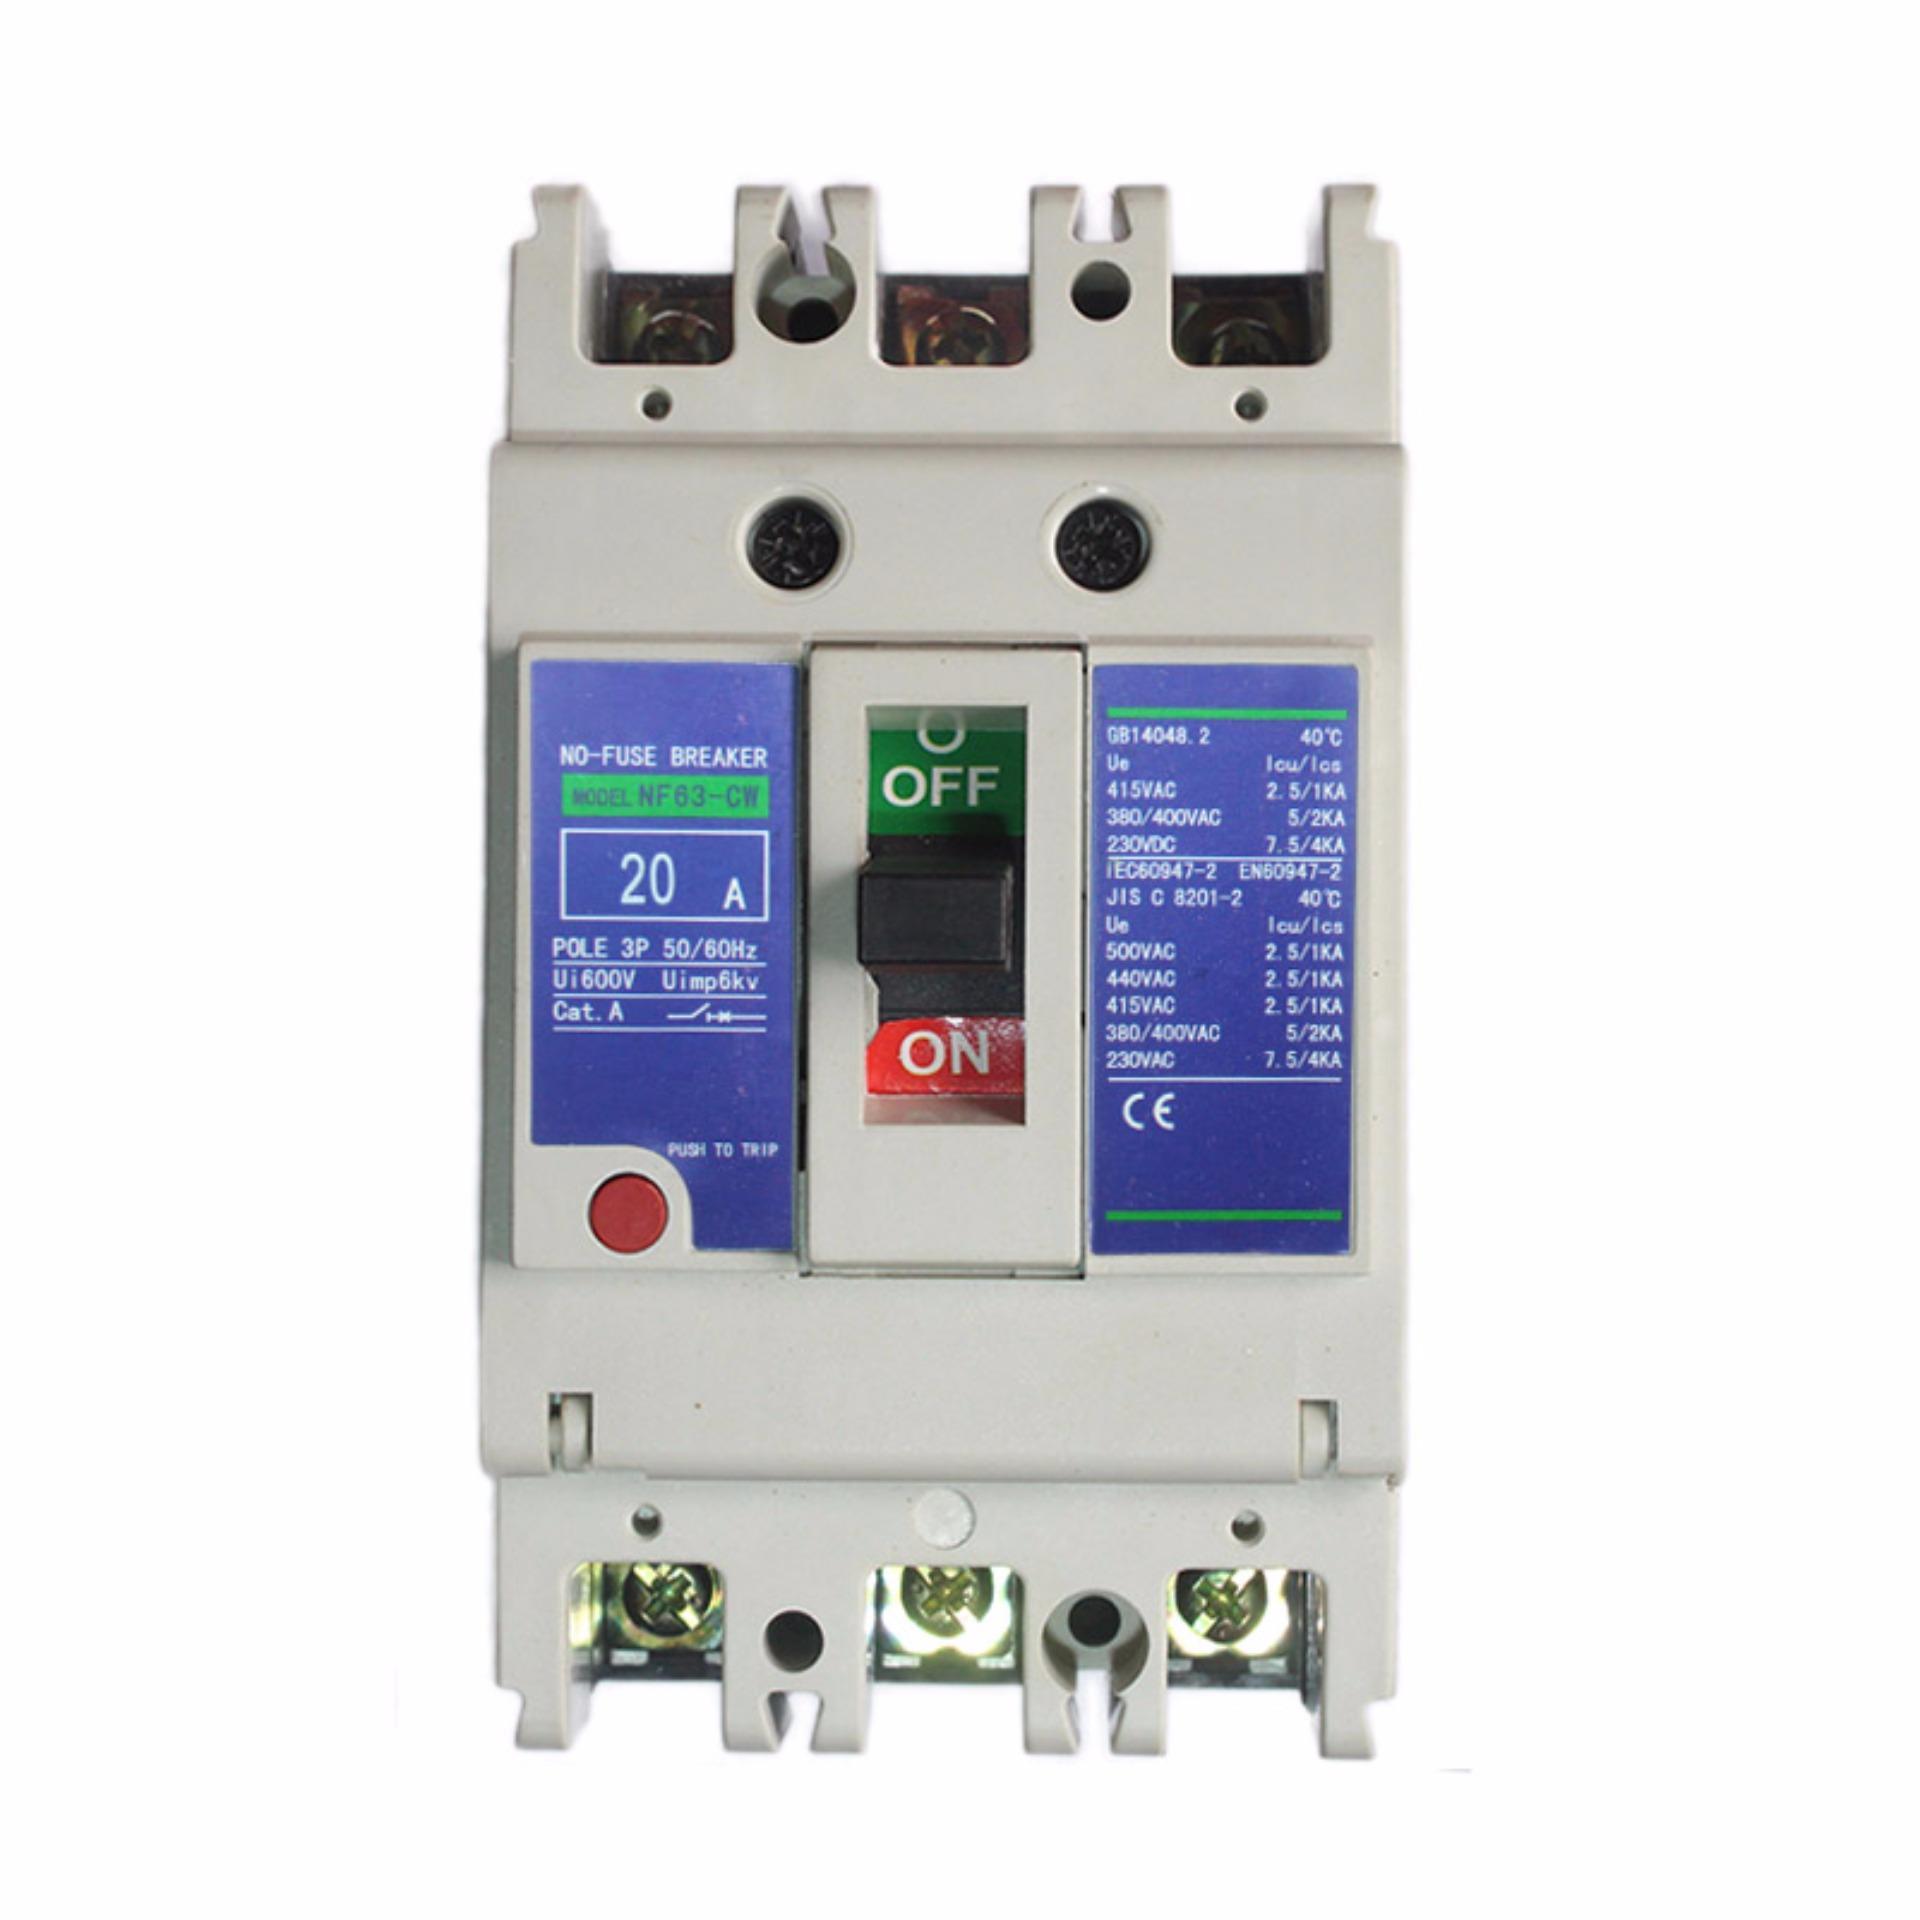 EELIC NFB-CW63 -20A NO FUSE BREAKER ( NFB ) AC Universal 3P AC 20A 220V 380V 440V 600V 50 - 60 Hz c